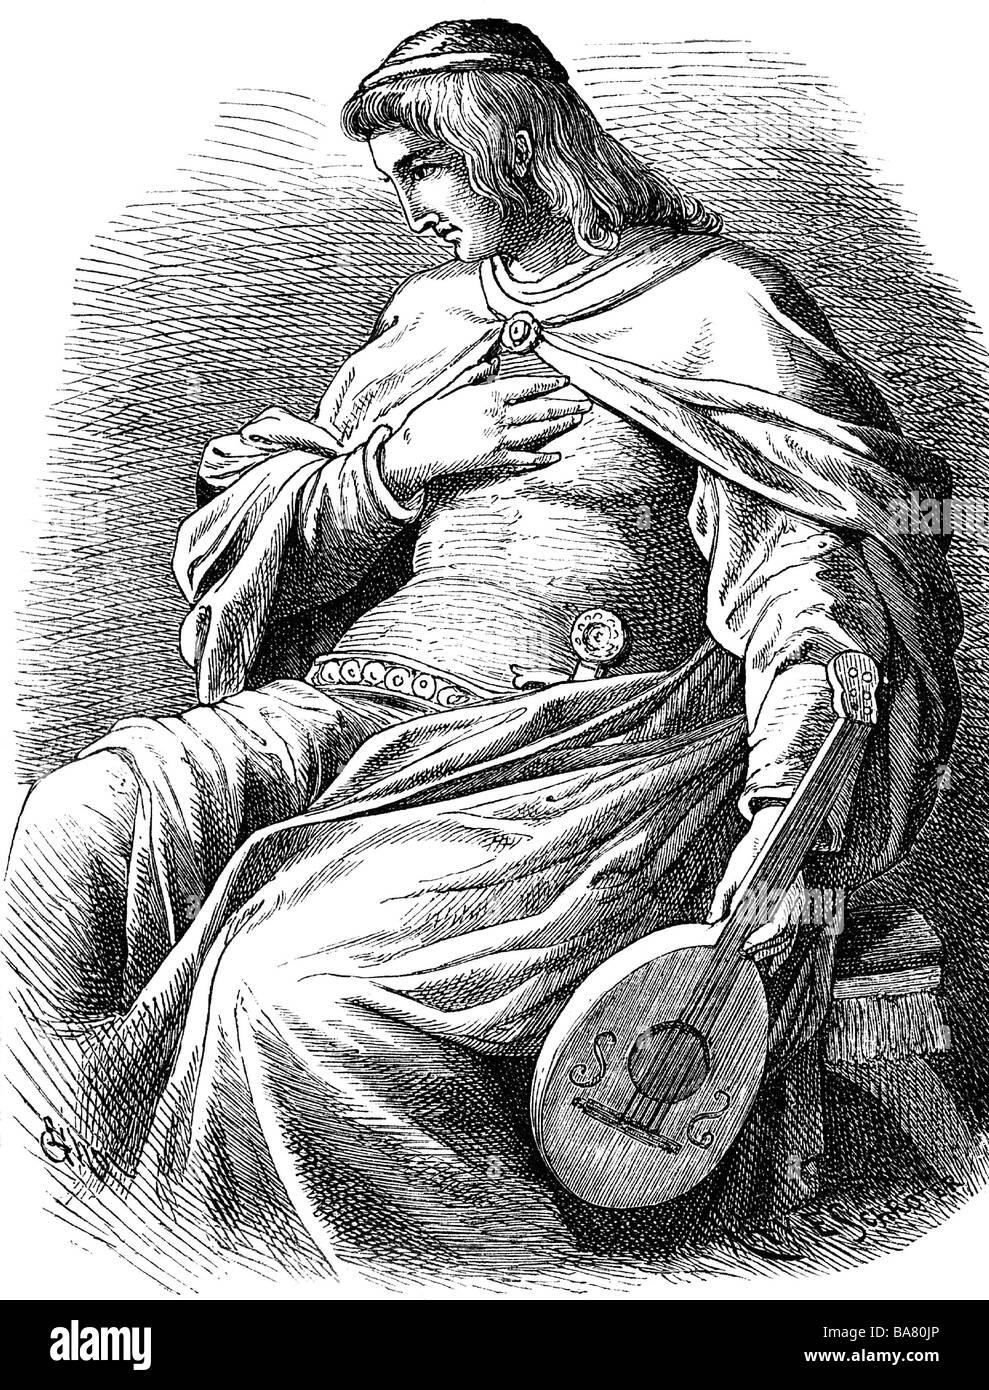 Wolfram von Eschenbach, ca. 1175 - ca. 1220, Deutscher Ritter, Minnesänger, halbe Länge, Zeichnung von Stockbild